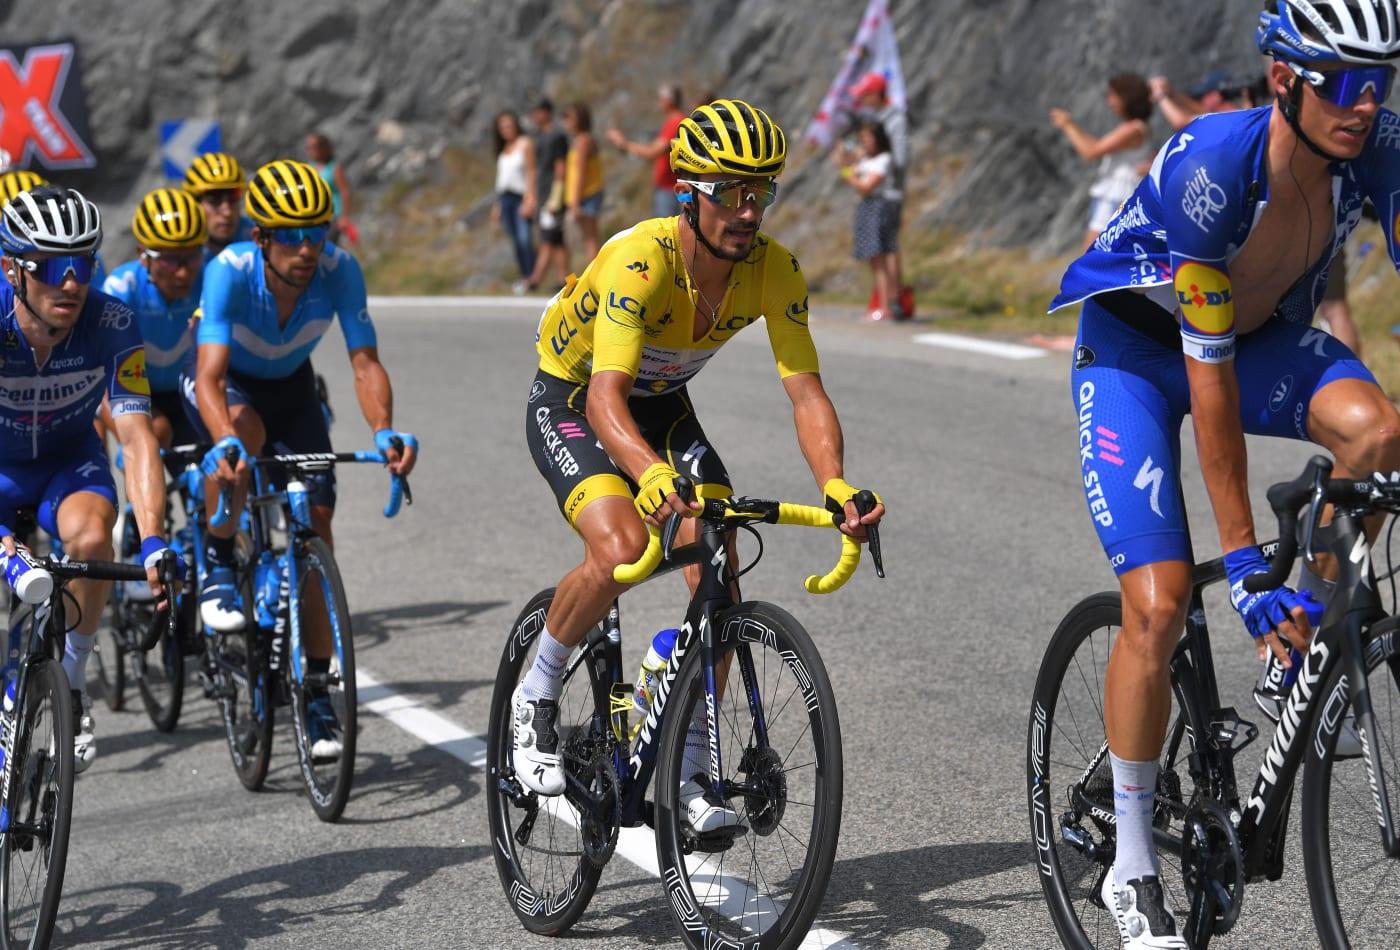 Basarabean, parte din echipa care a câştigat Turul Franţei la ciclism ~ InfoPrut